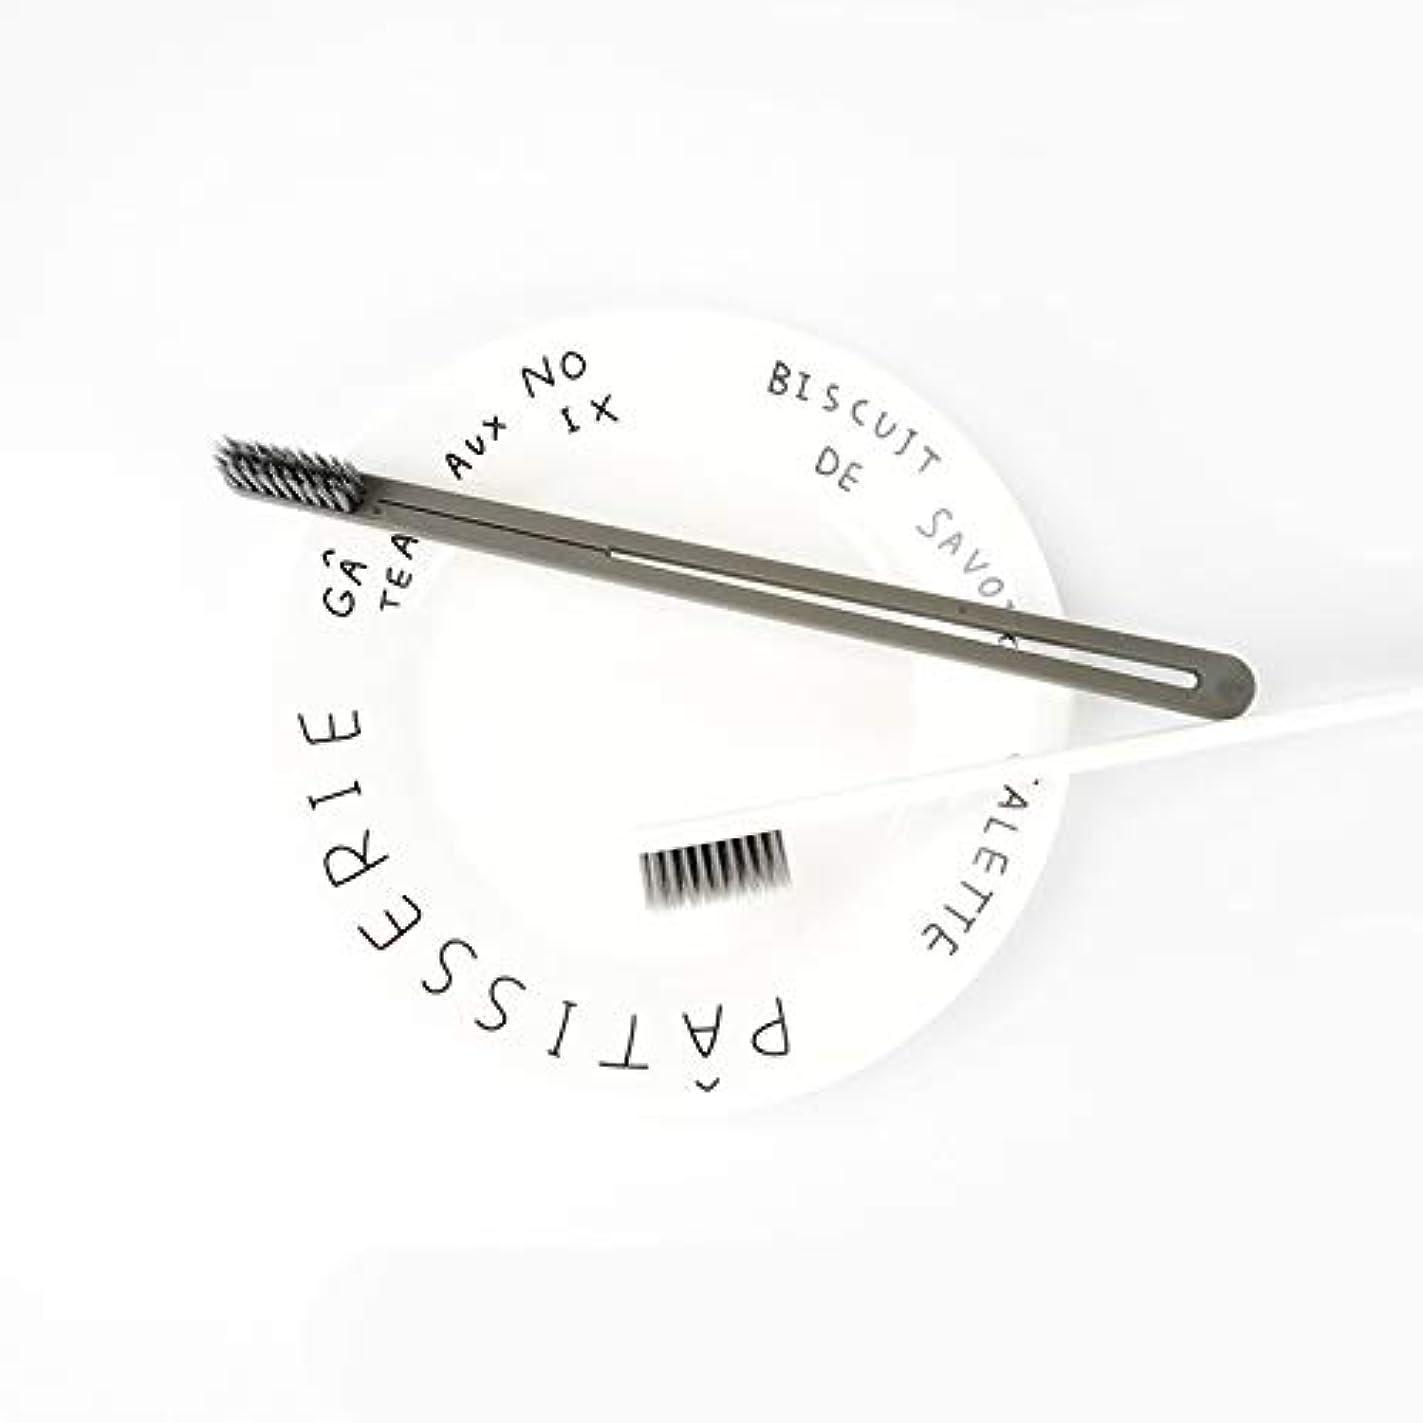 リーク市場ヘルパー5pcs ホテル歯ブラシ -ファッション 活性炭歯ブラシ 家族のための 口腔洗浄ツール